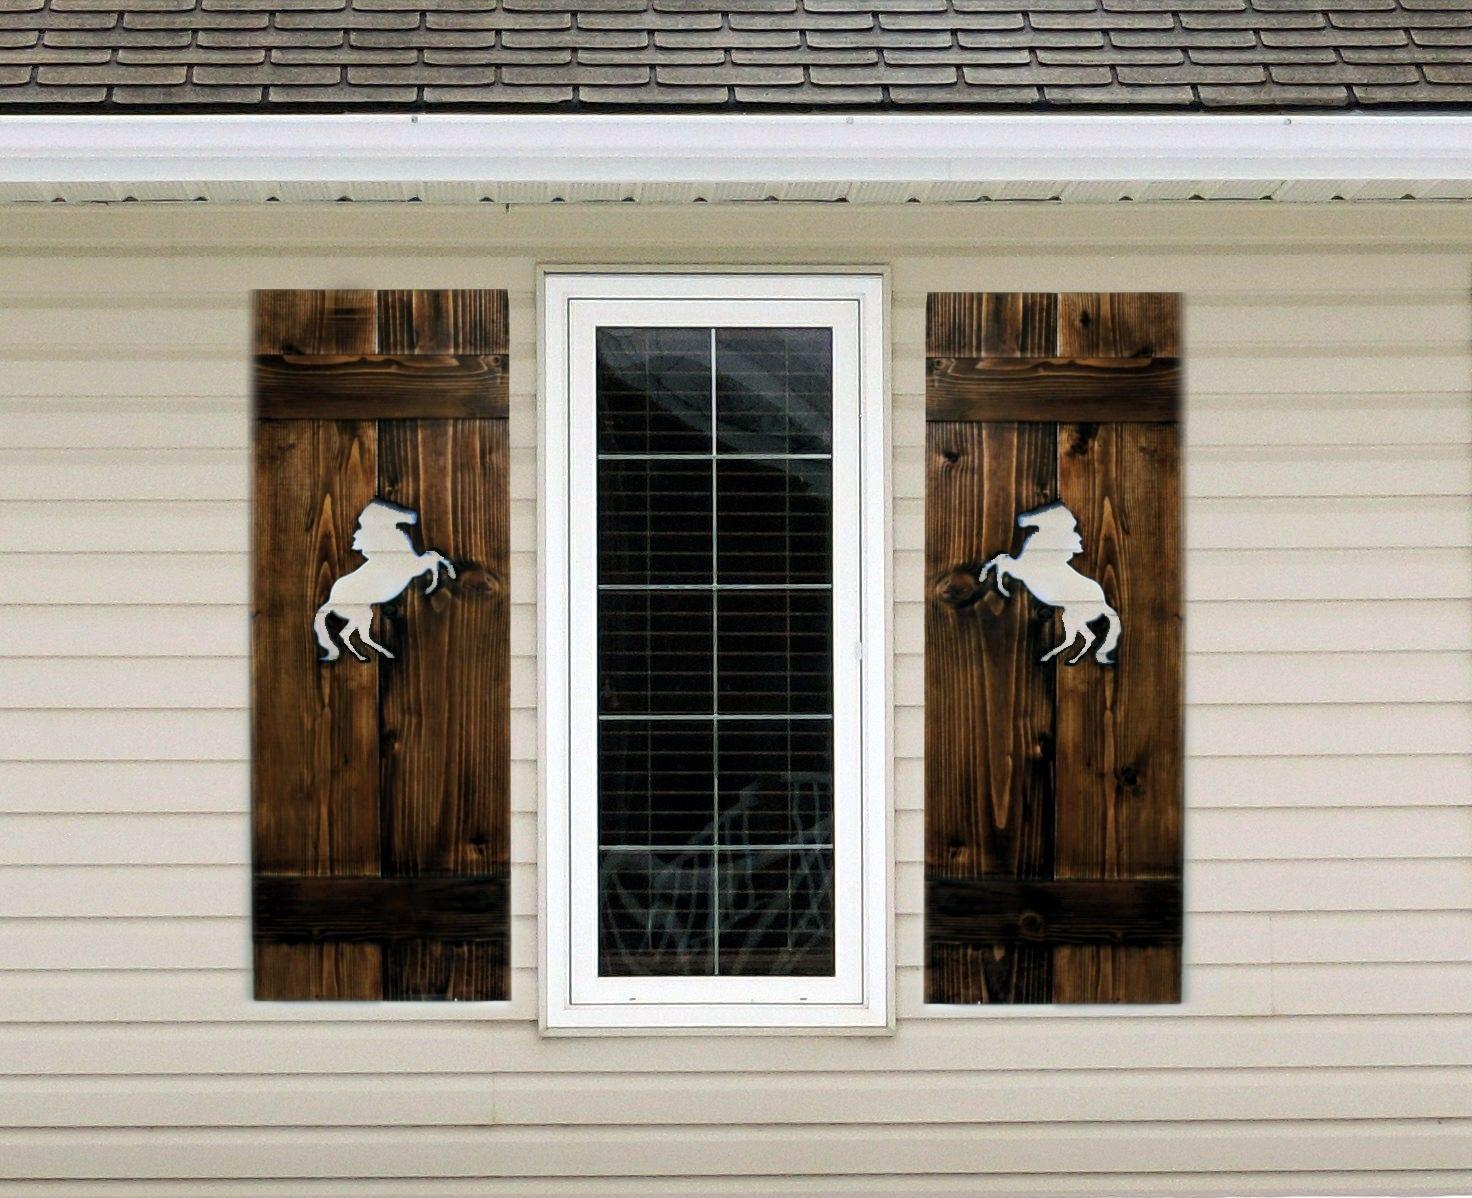 Rustic Wood Shutter Exterior Shutters Interior Shutters